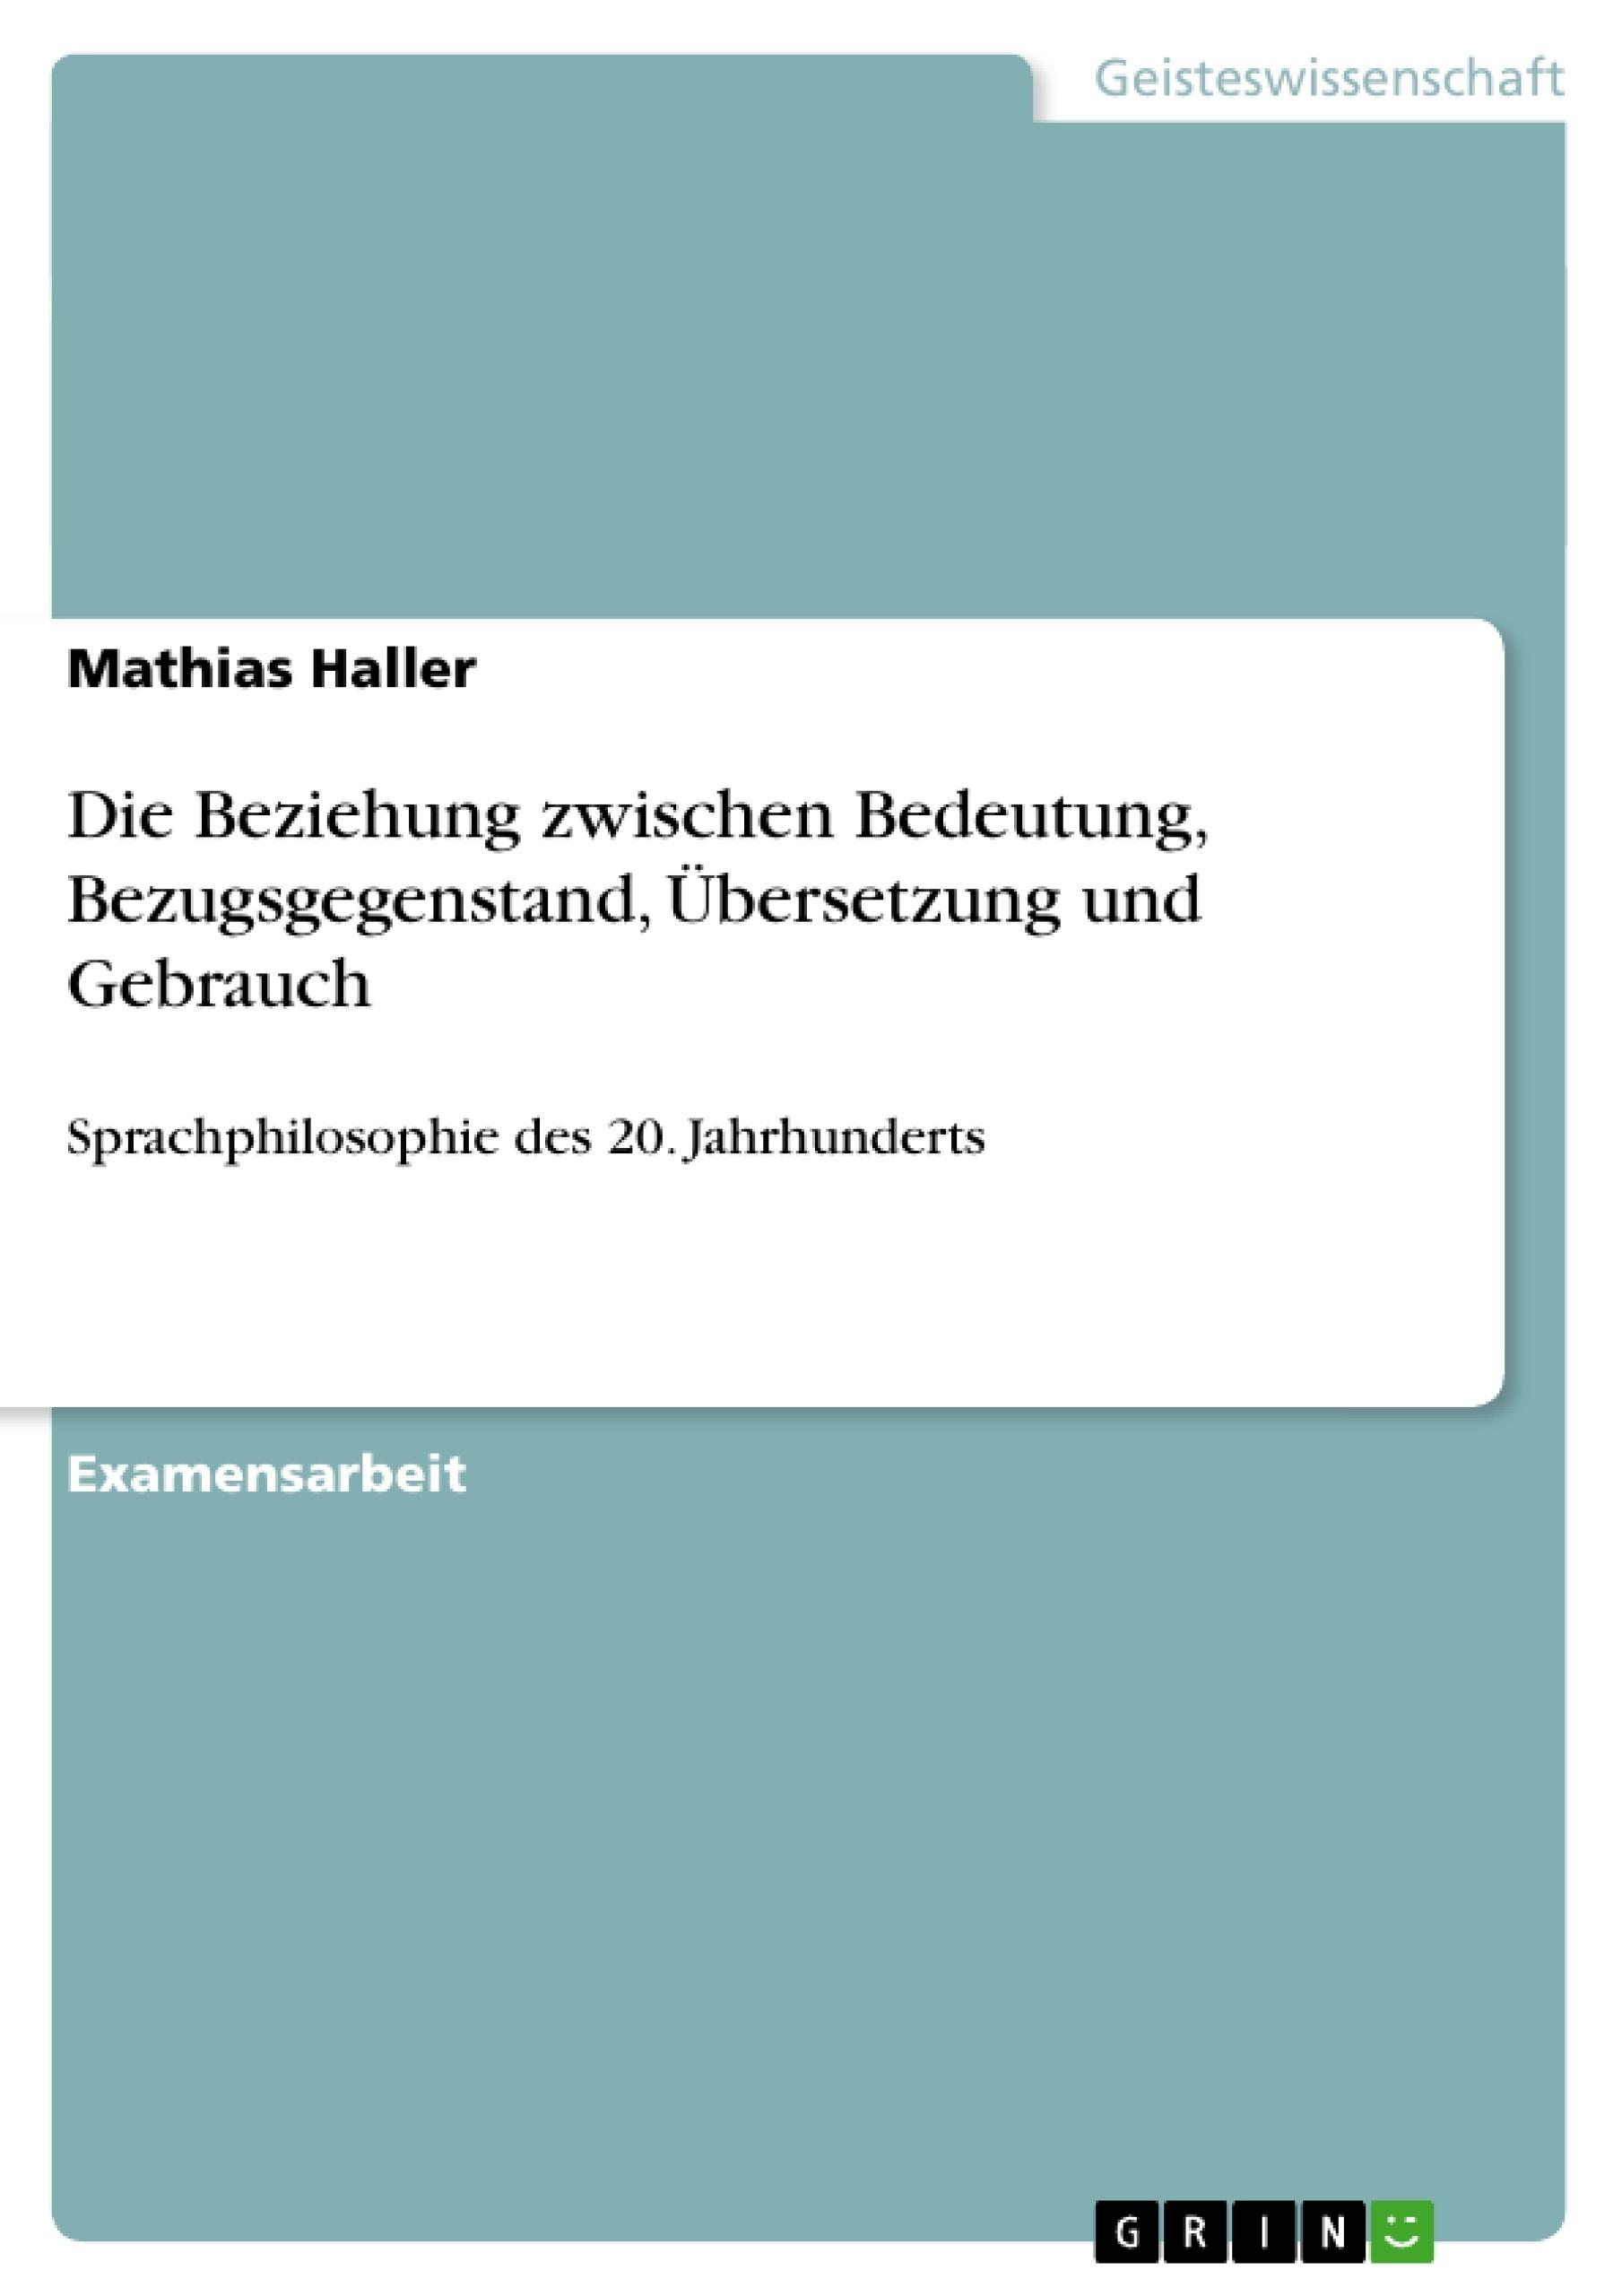 Titel: Die Beziehung zwischen Bedeutung, Bezugsgegenstand, Übersetzung und Gebrauch